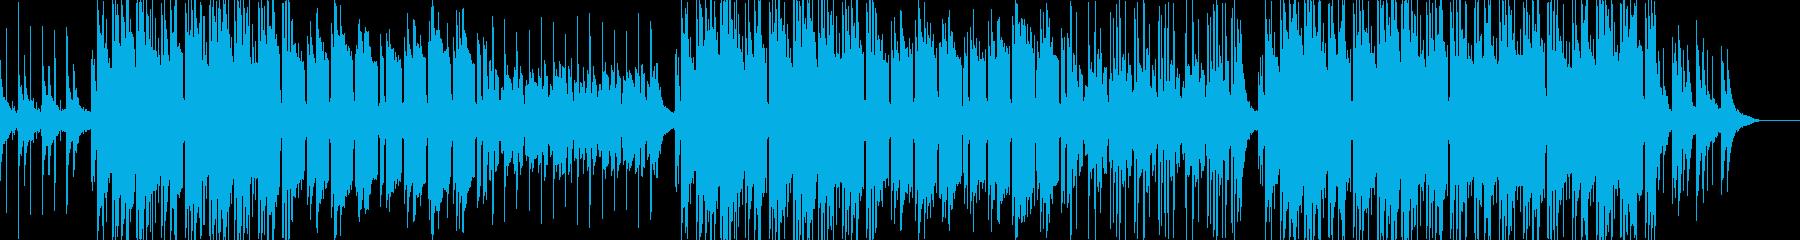 優しいメロディのローファイヒップホップの再生済みの波形